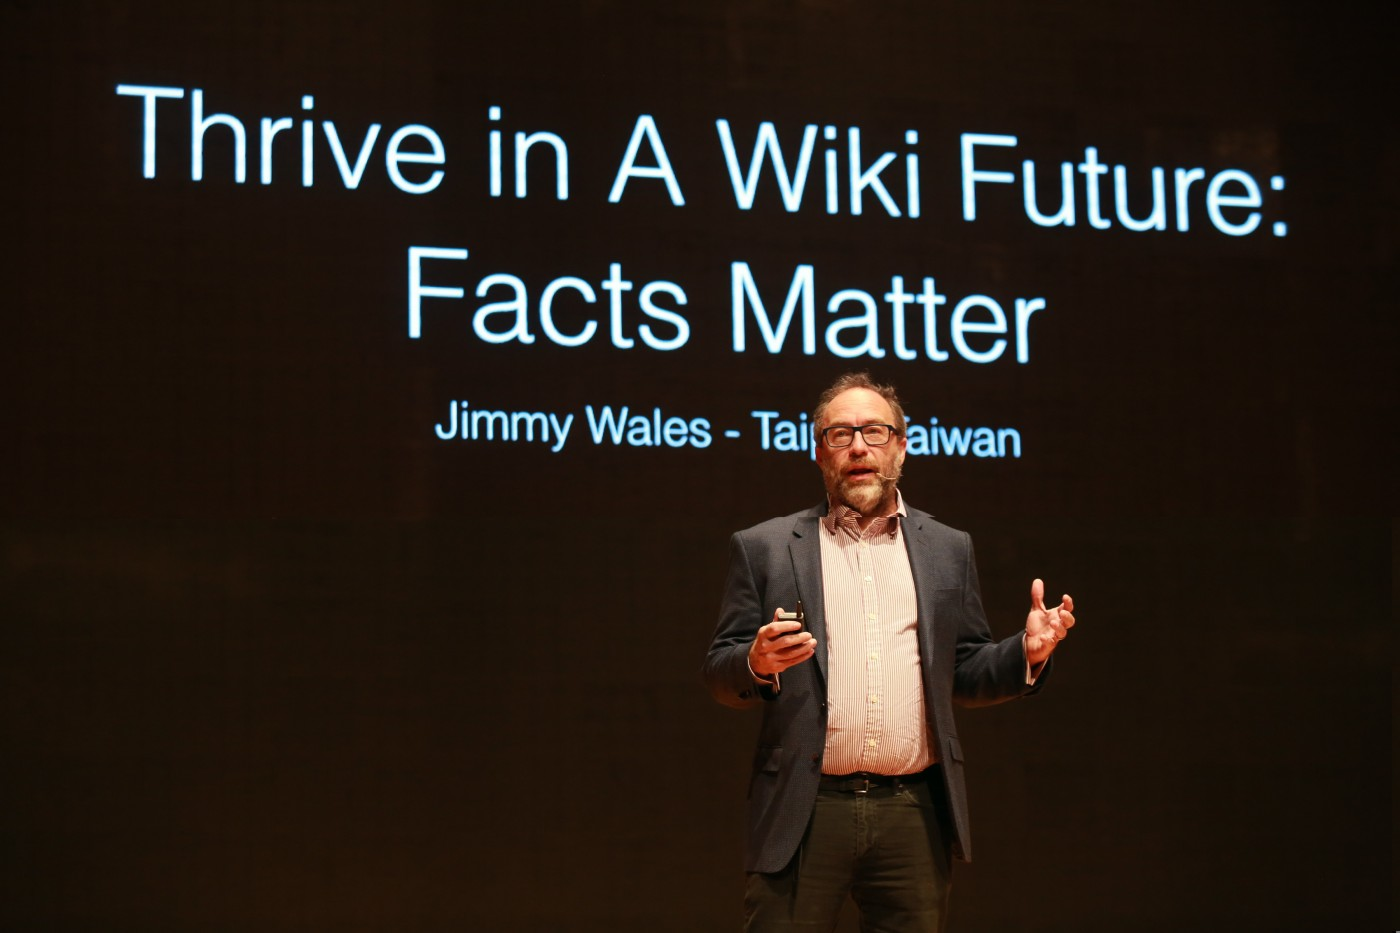 集結社群力量的新聞平台,維基百科創辦人威爾斯讓《維基論壇報》成真正異言堂